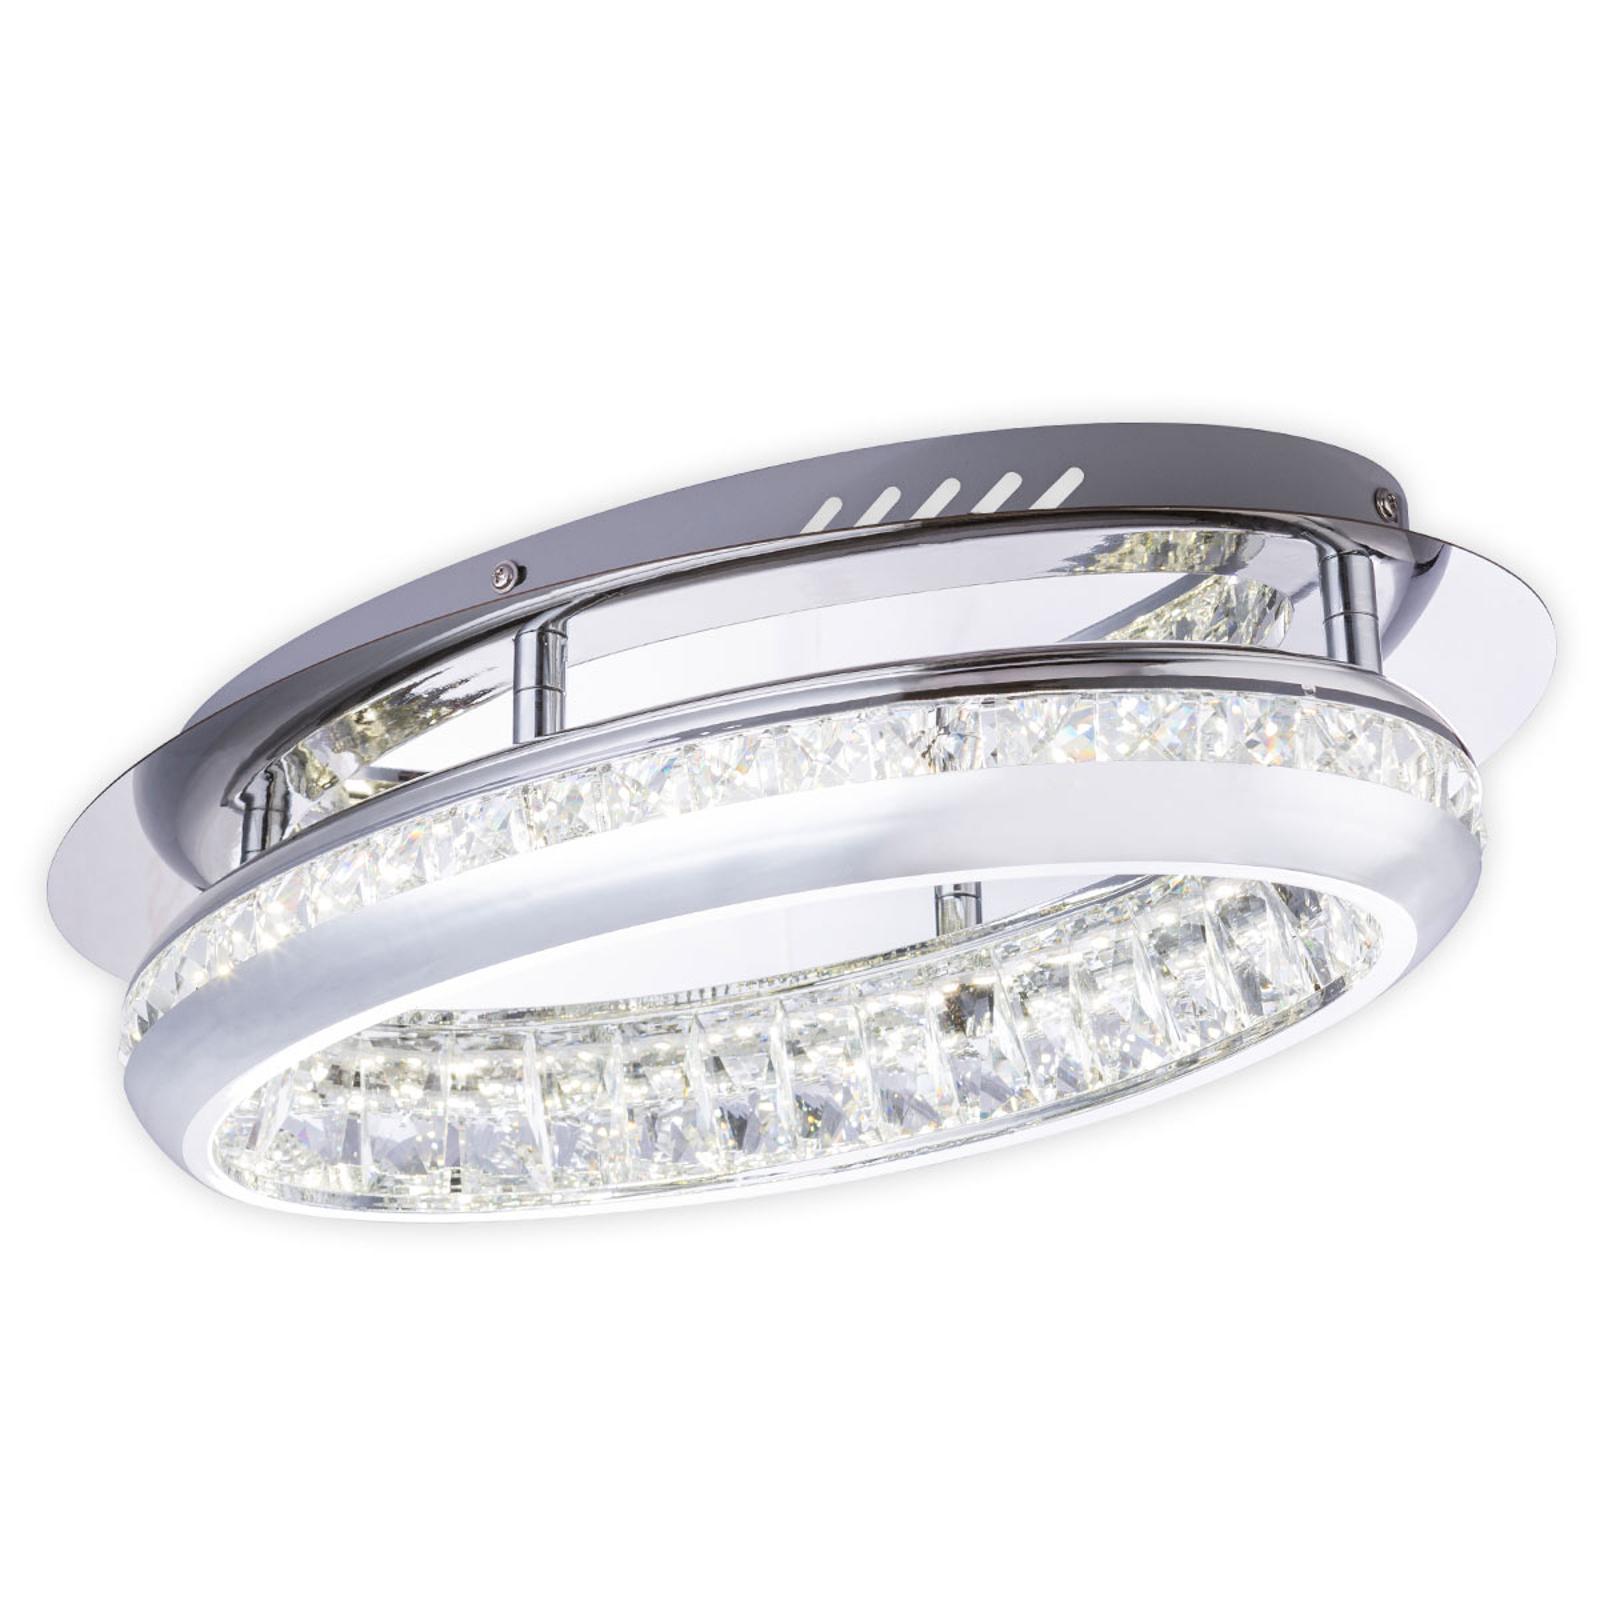 Lampa sufitowa LED 67096-18 z kryształami, chrom